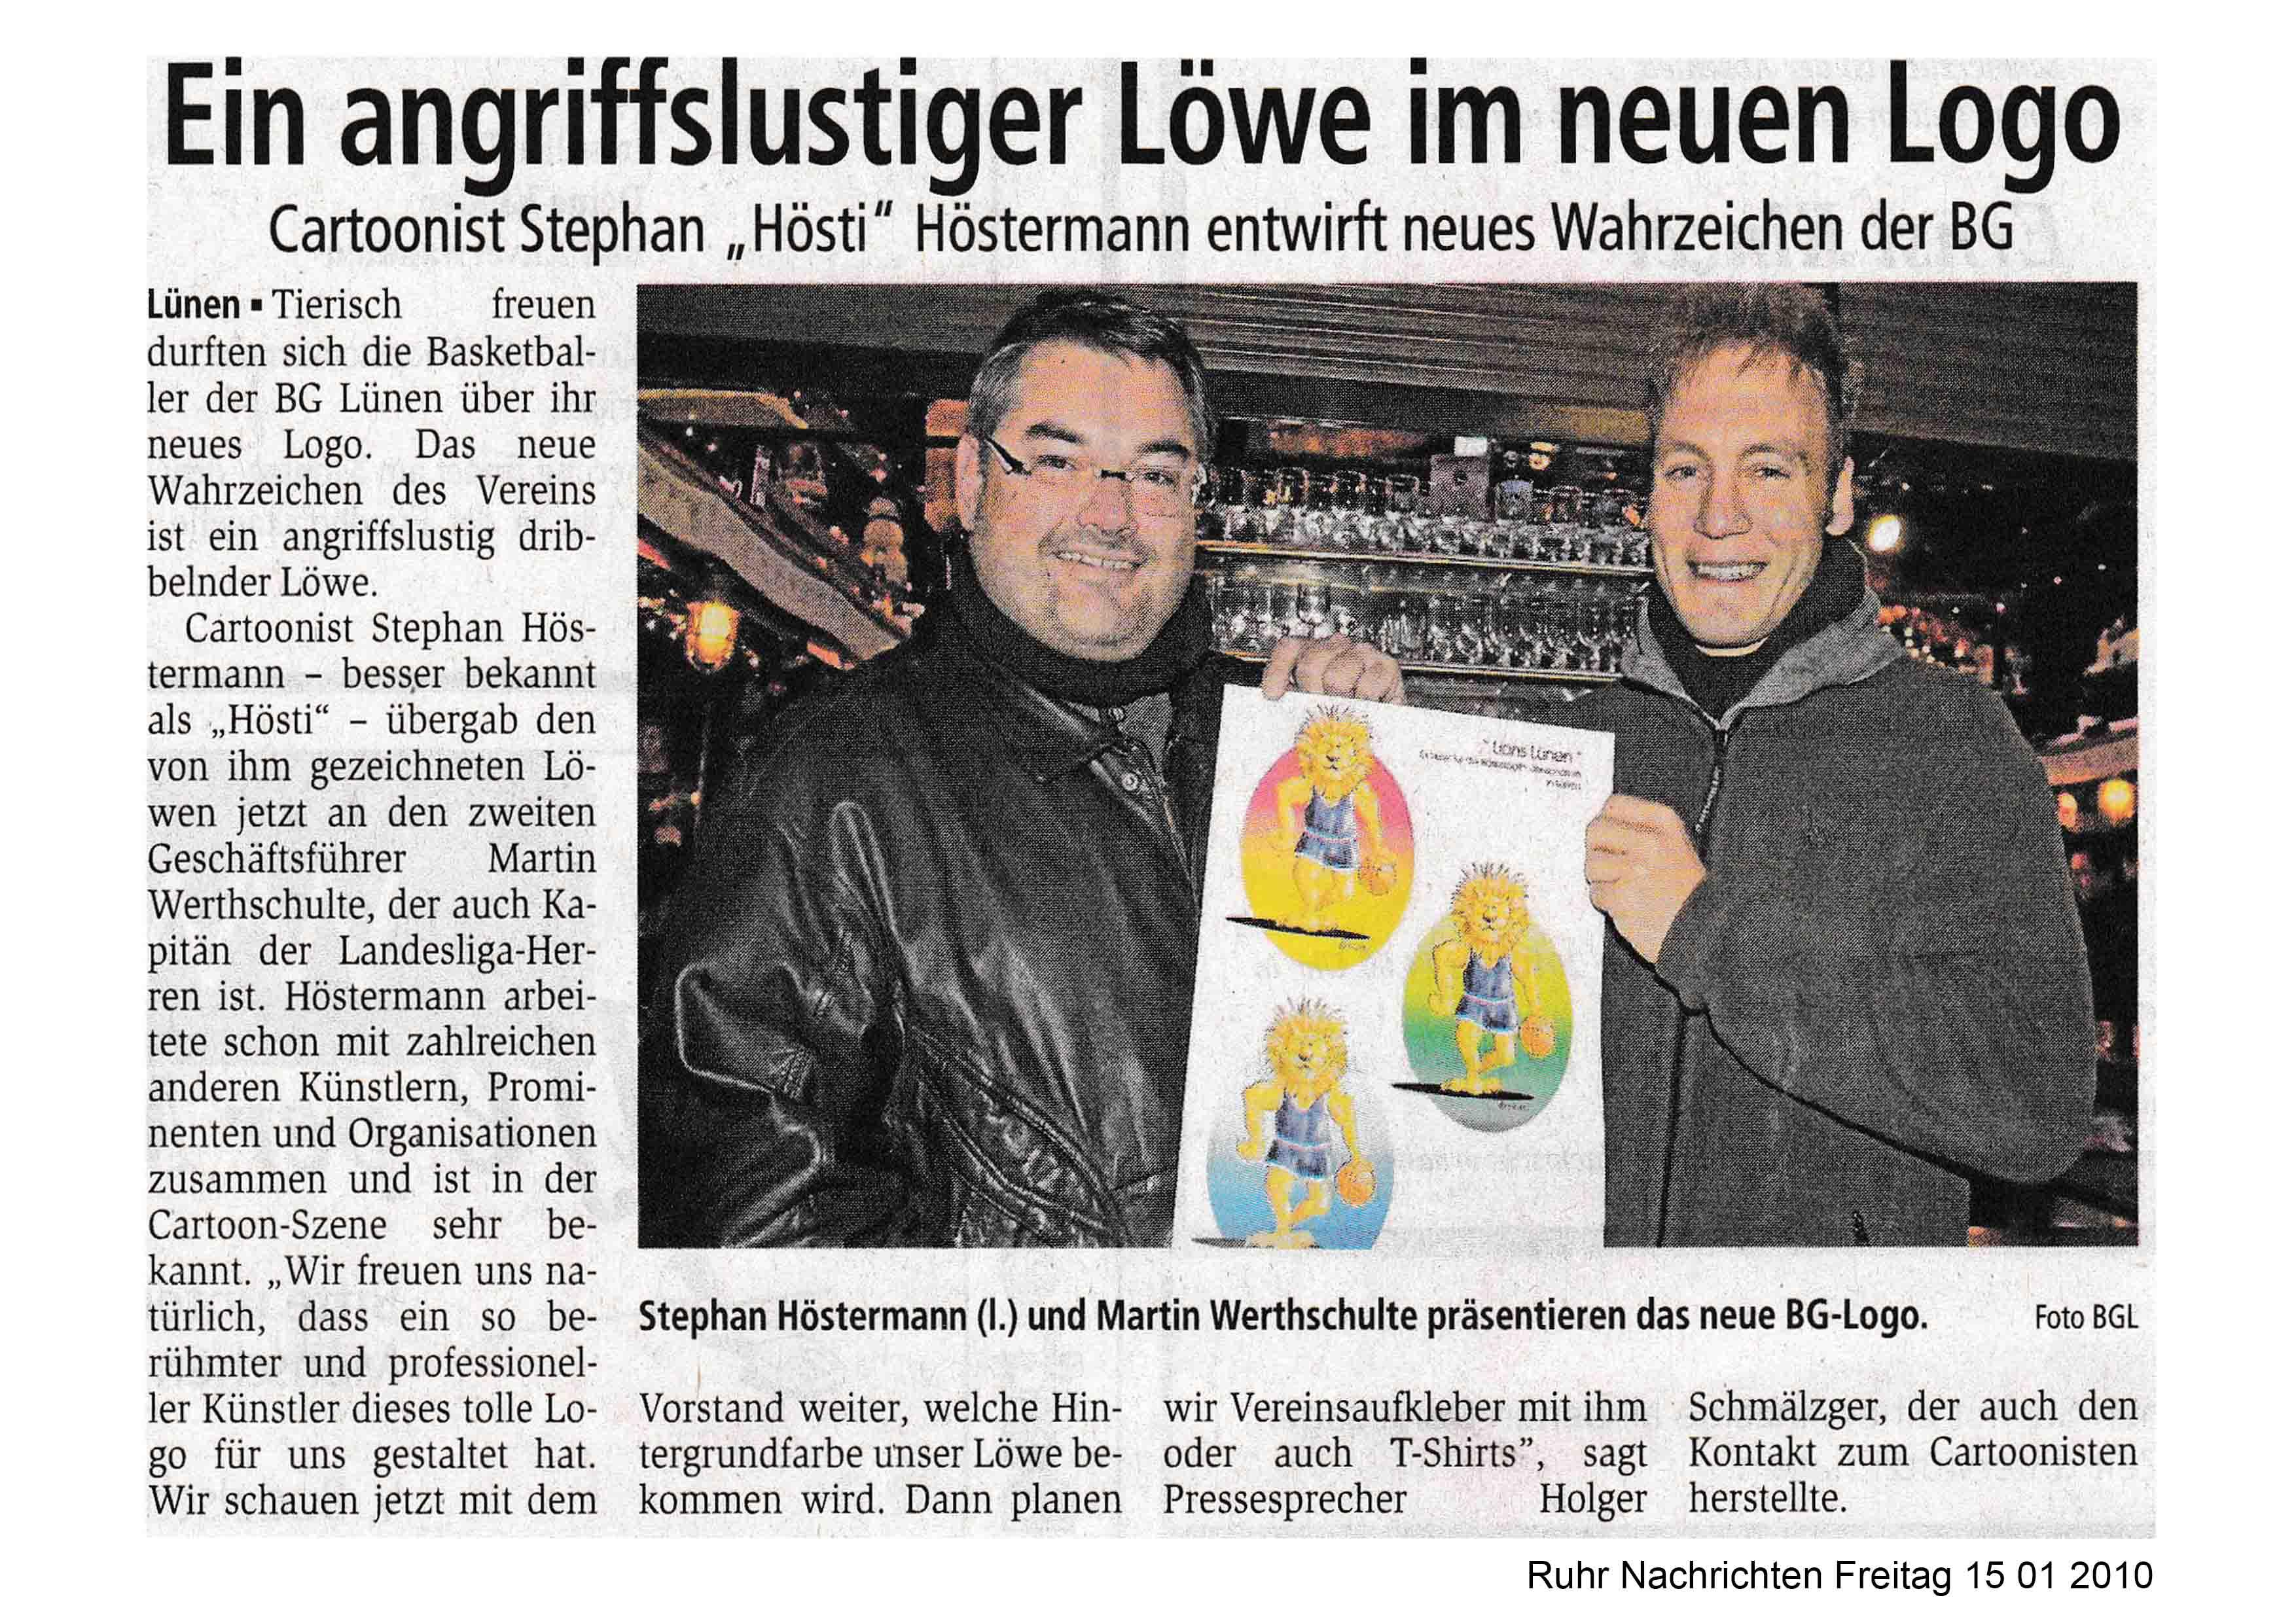 Ruhr Nachrichten Freitag 15 01 2010